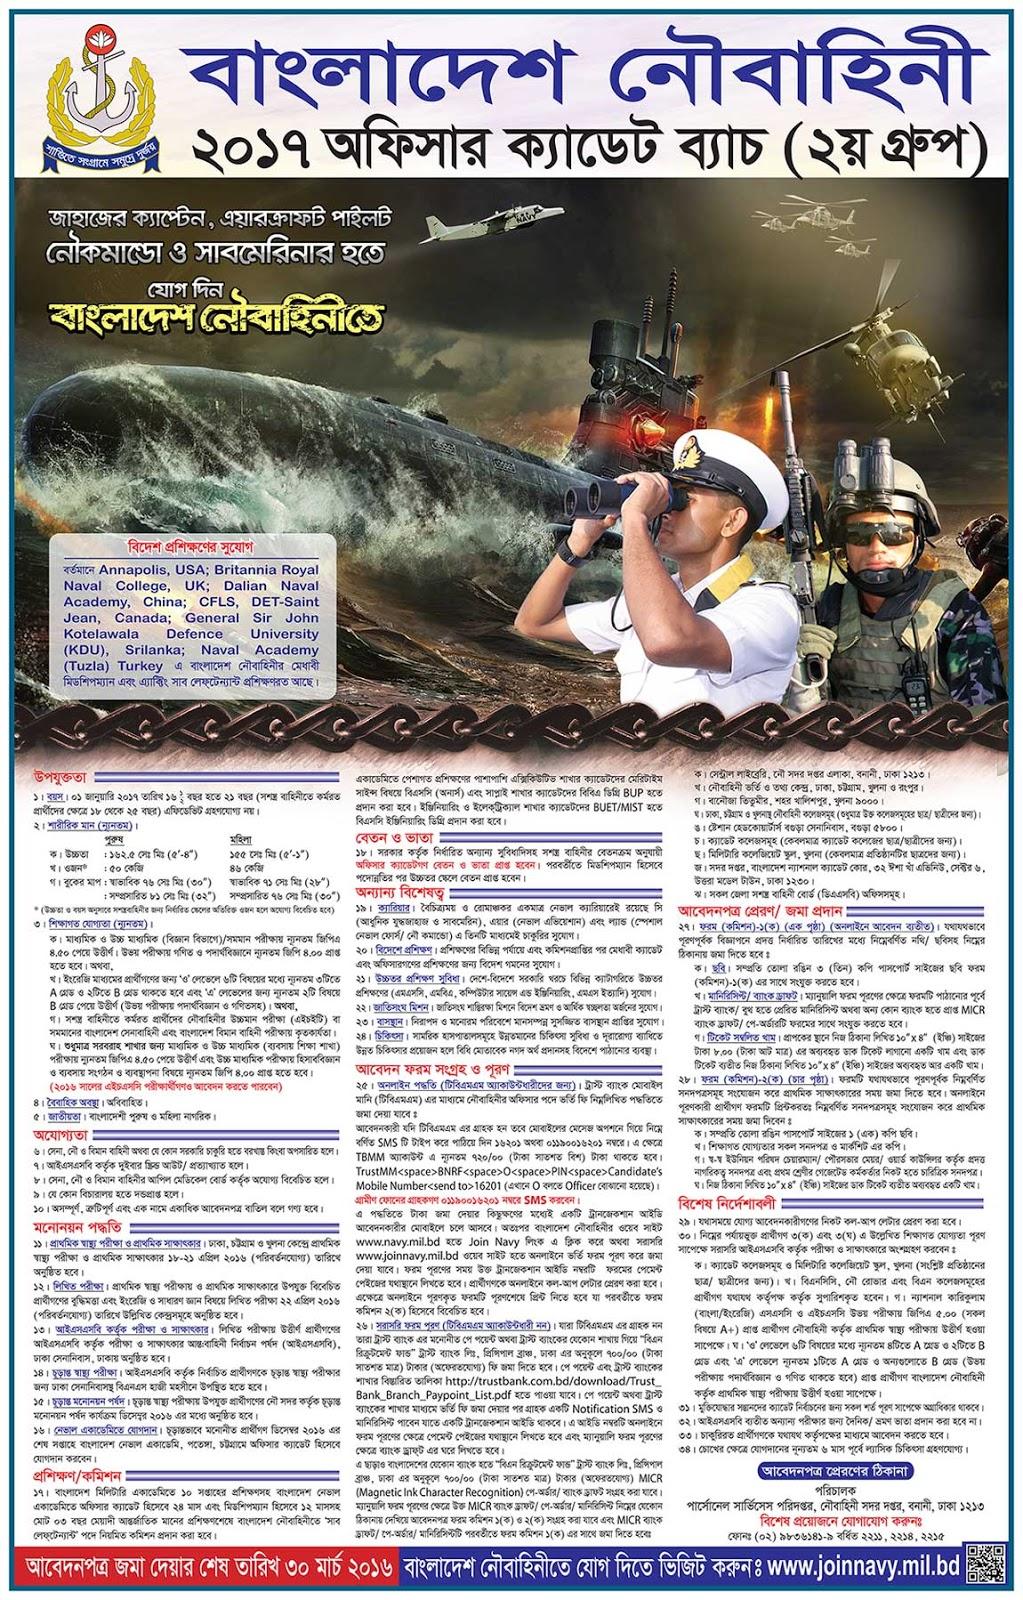 bd navy job circular 2016